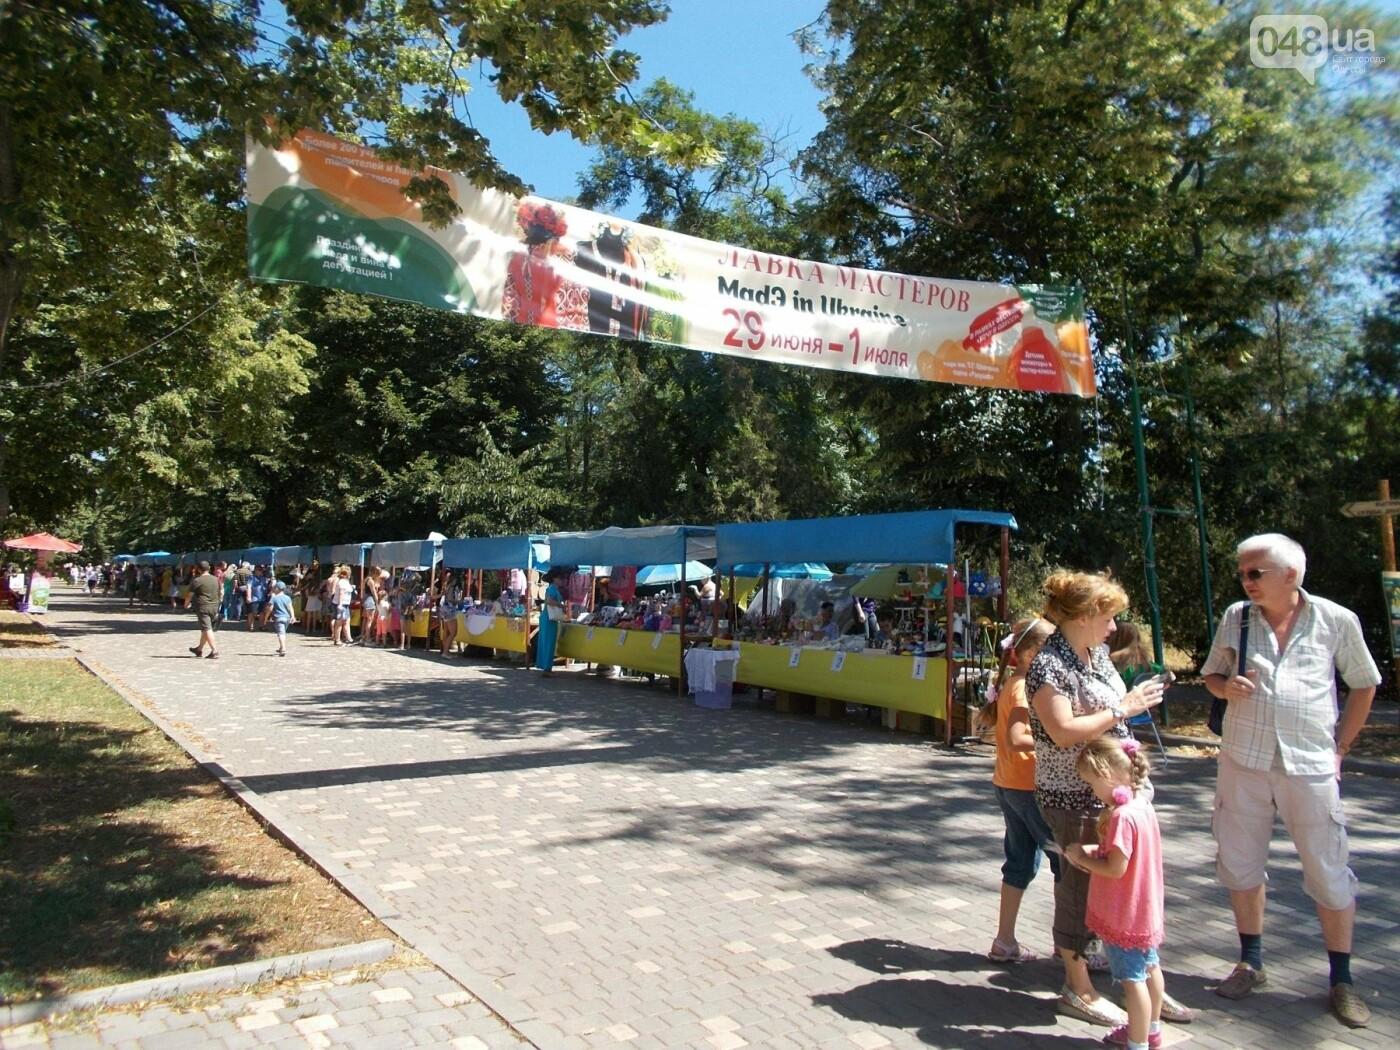 Лавка мастеров в разгаре в одесском парке Шевченко, - ФОТО, фото-6